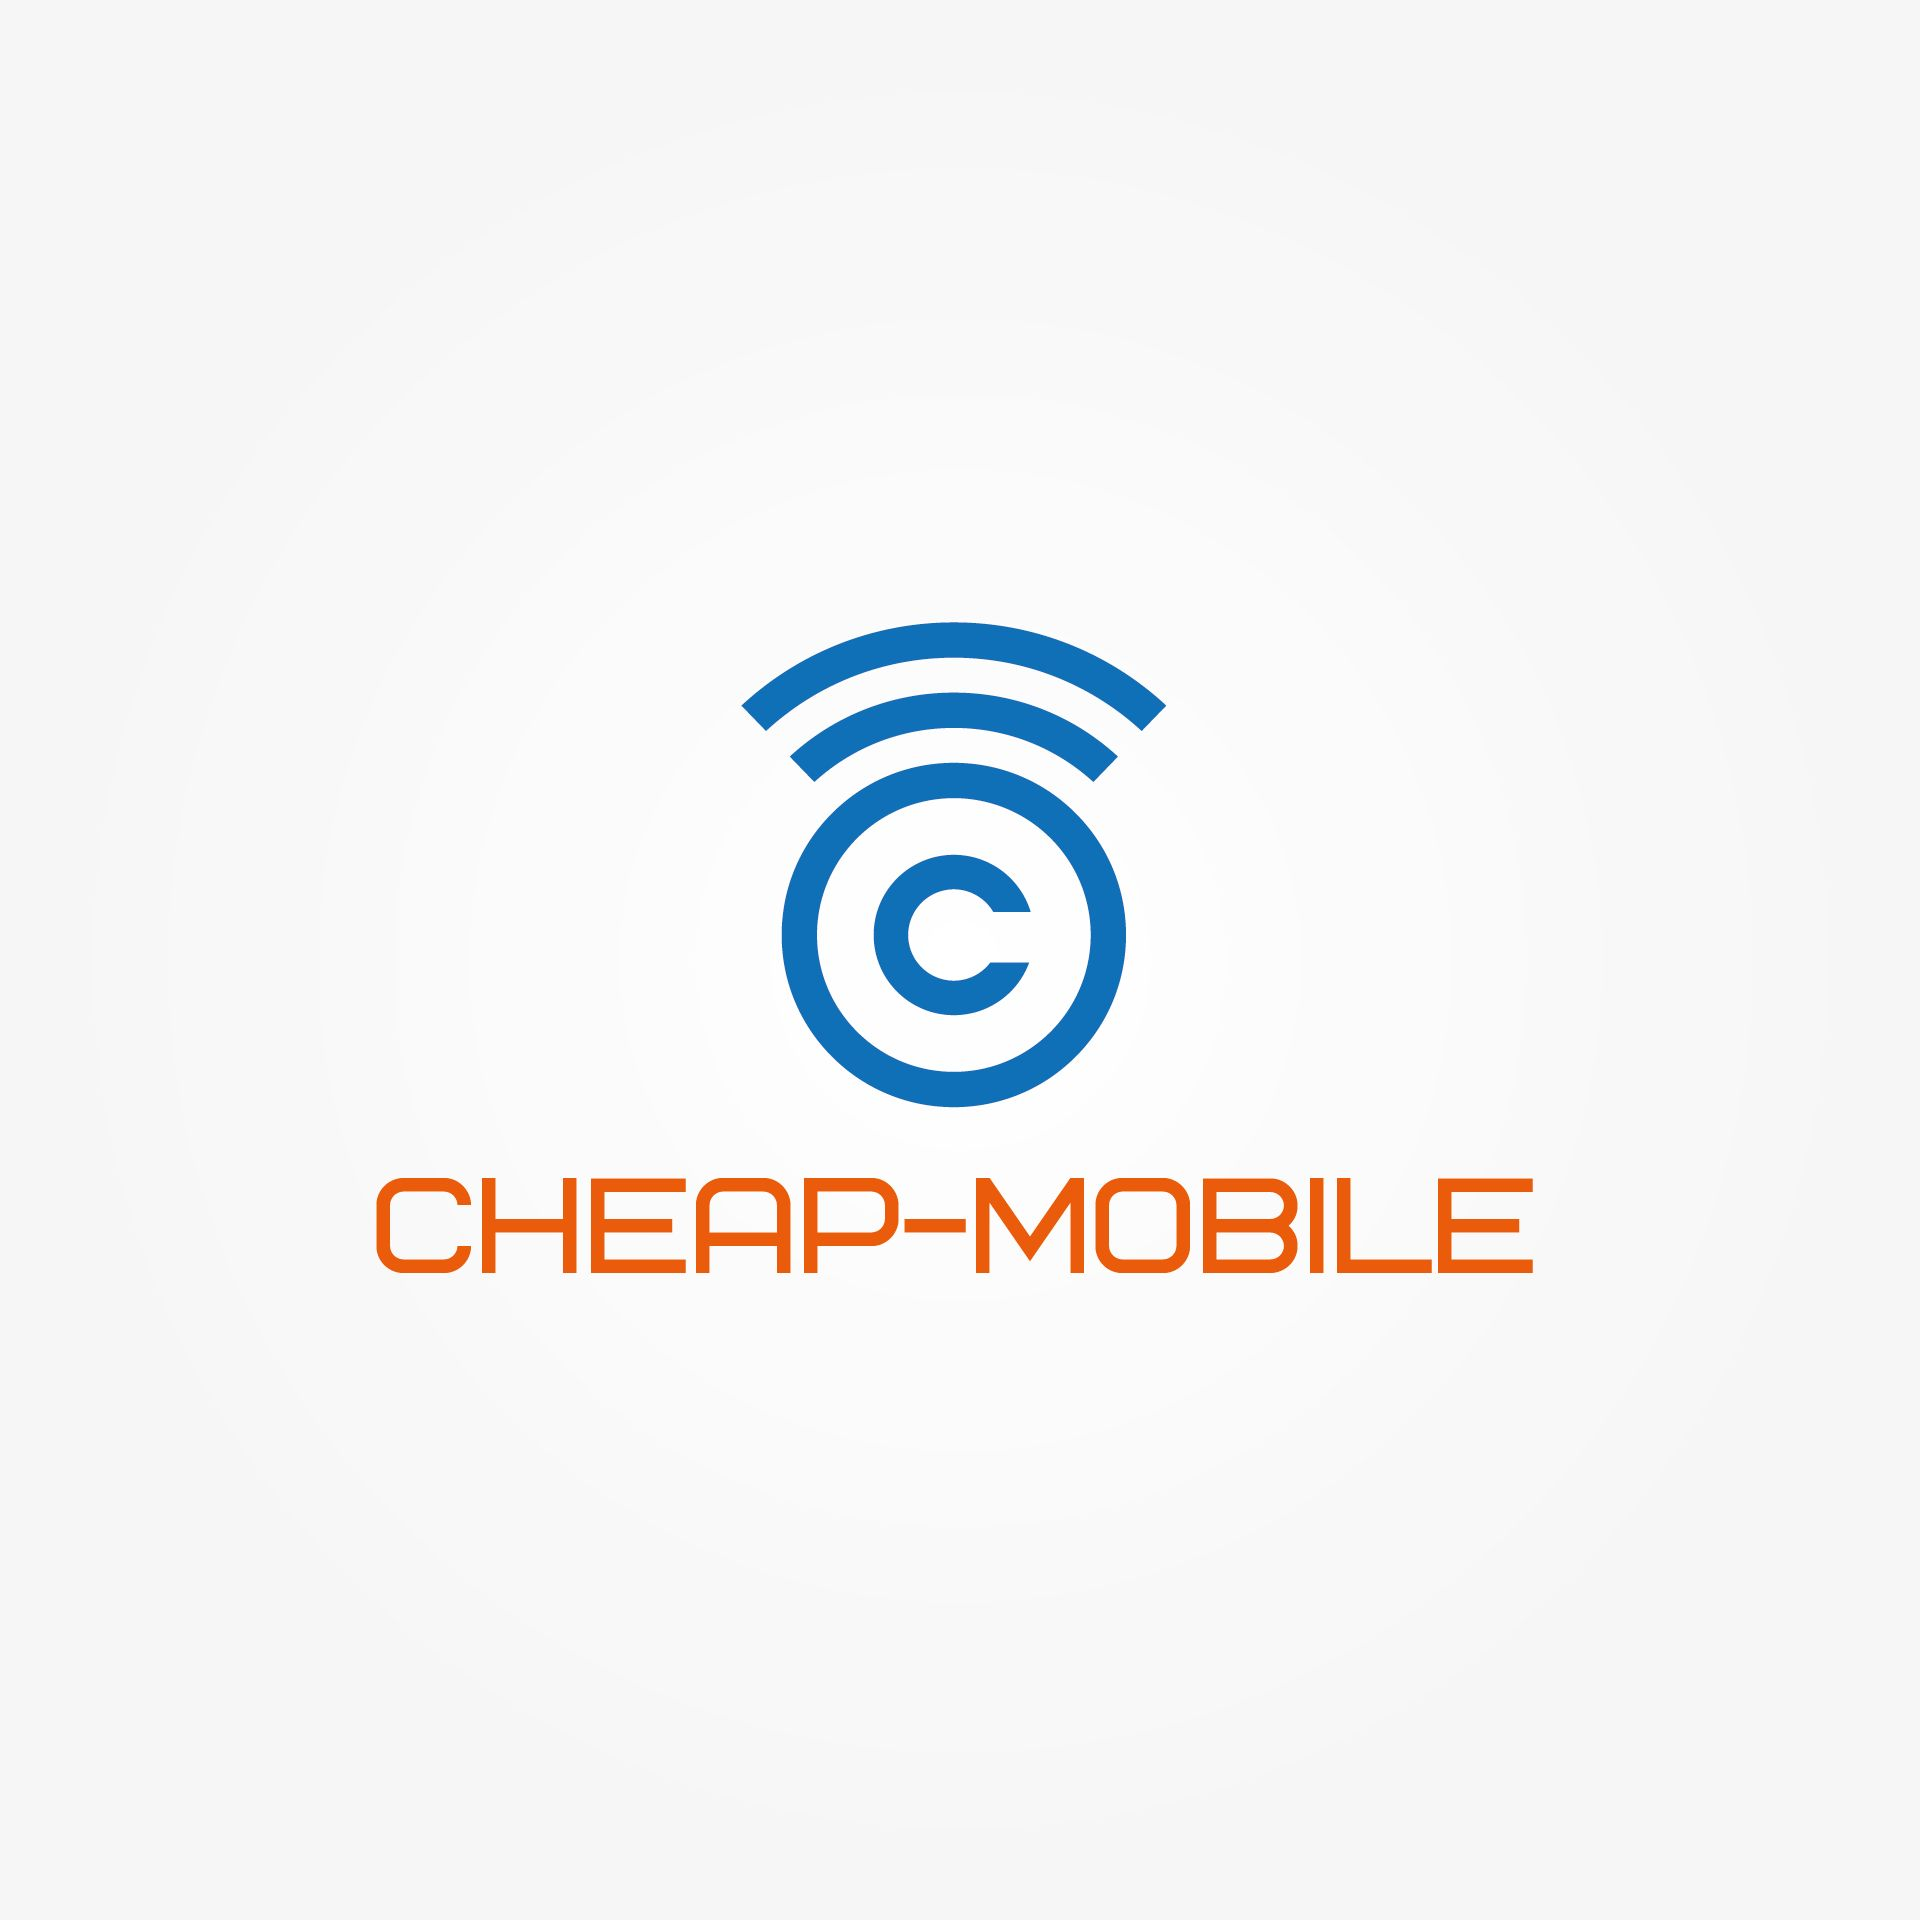 Лого и фирменный стиль для ИМ (Мобильные телефоны) - дизайнер alpine-gold